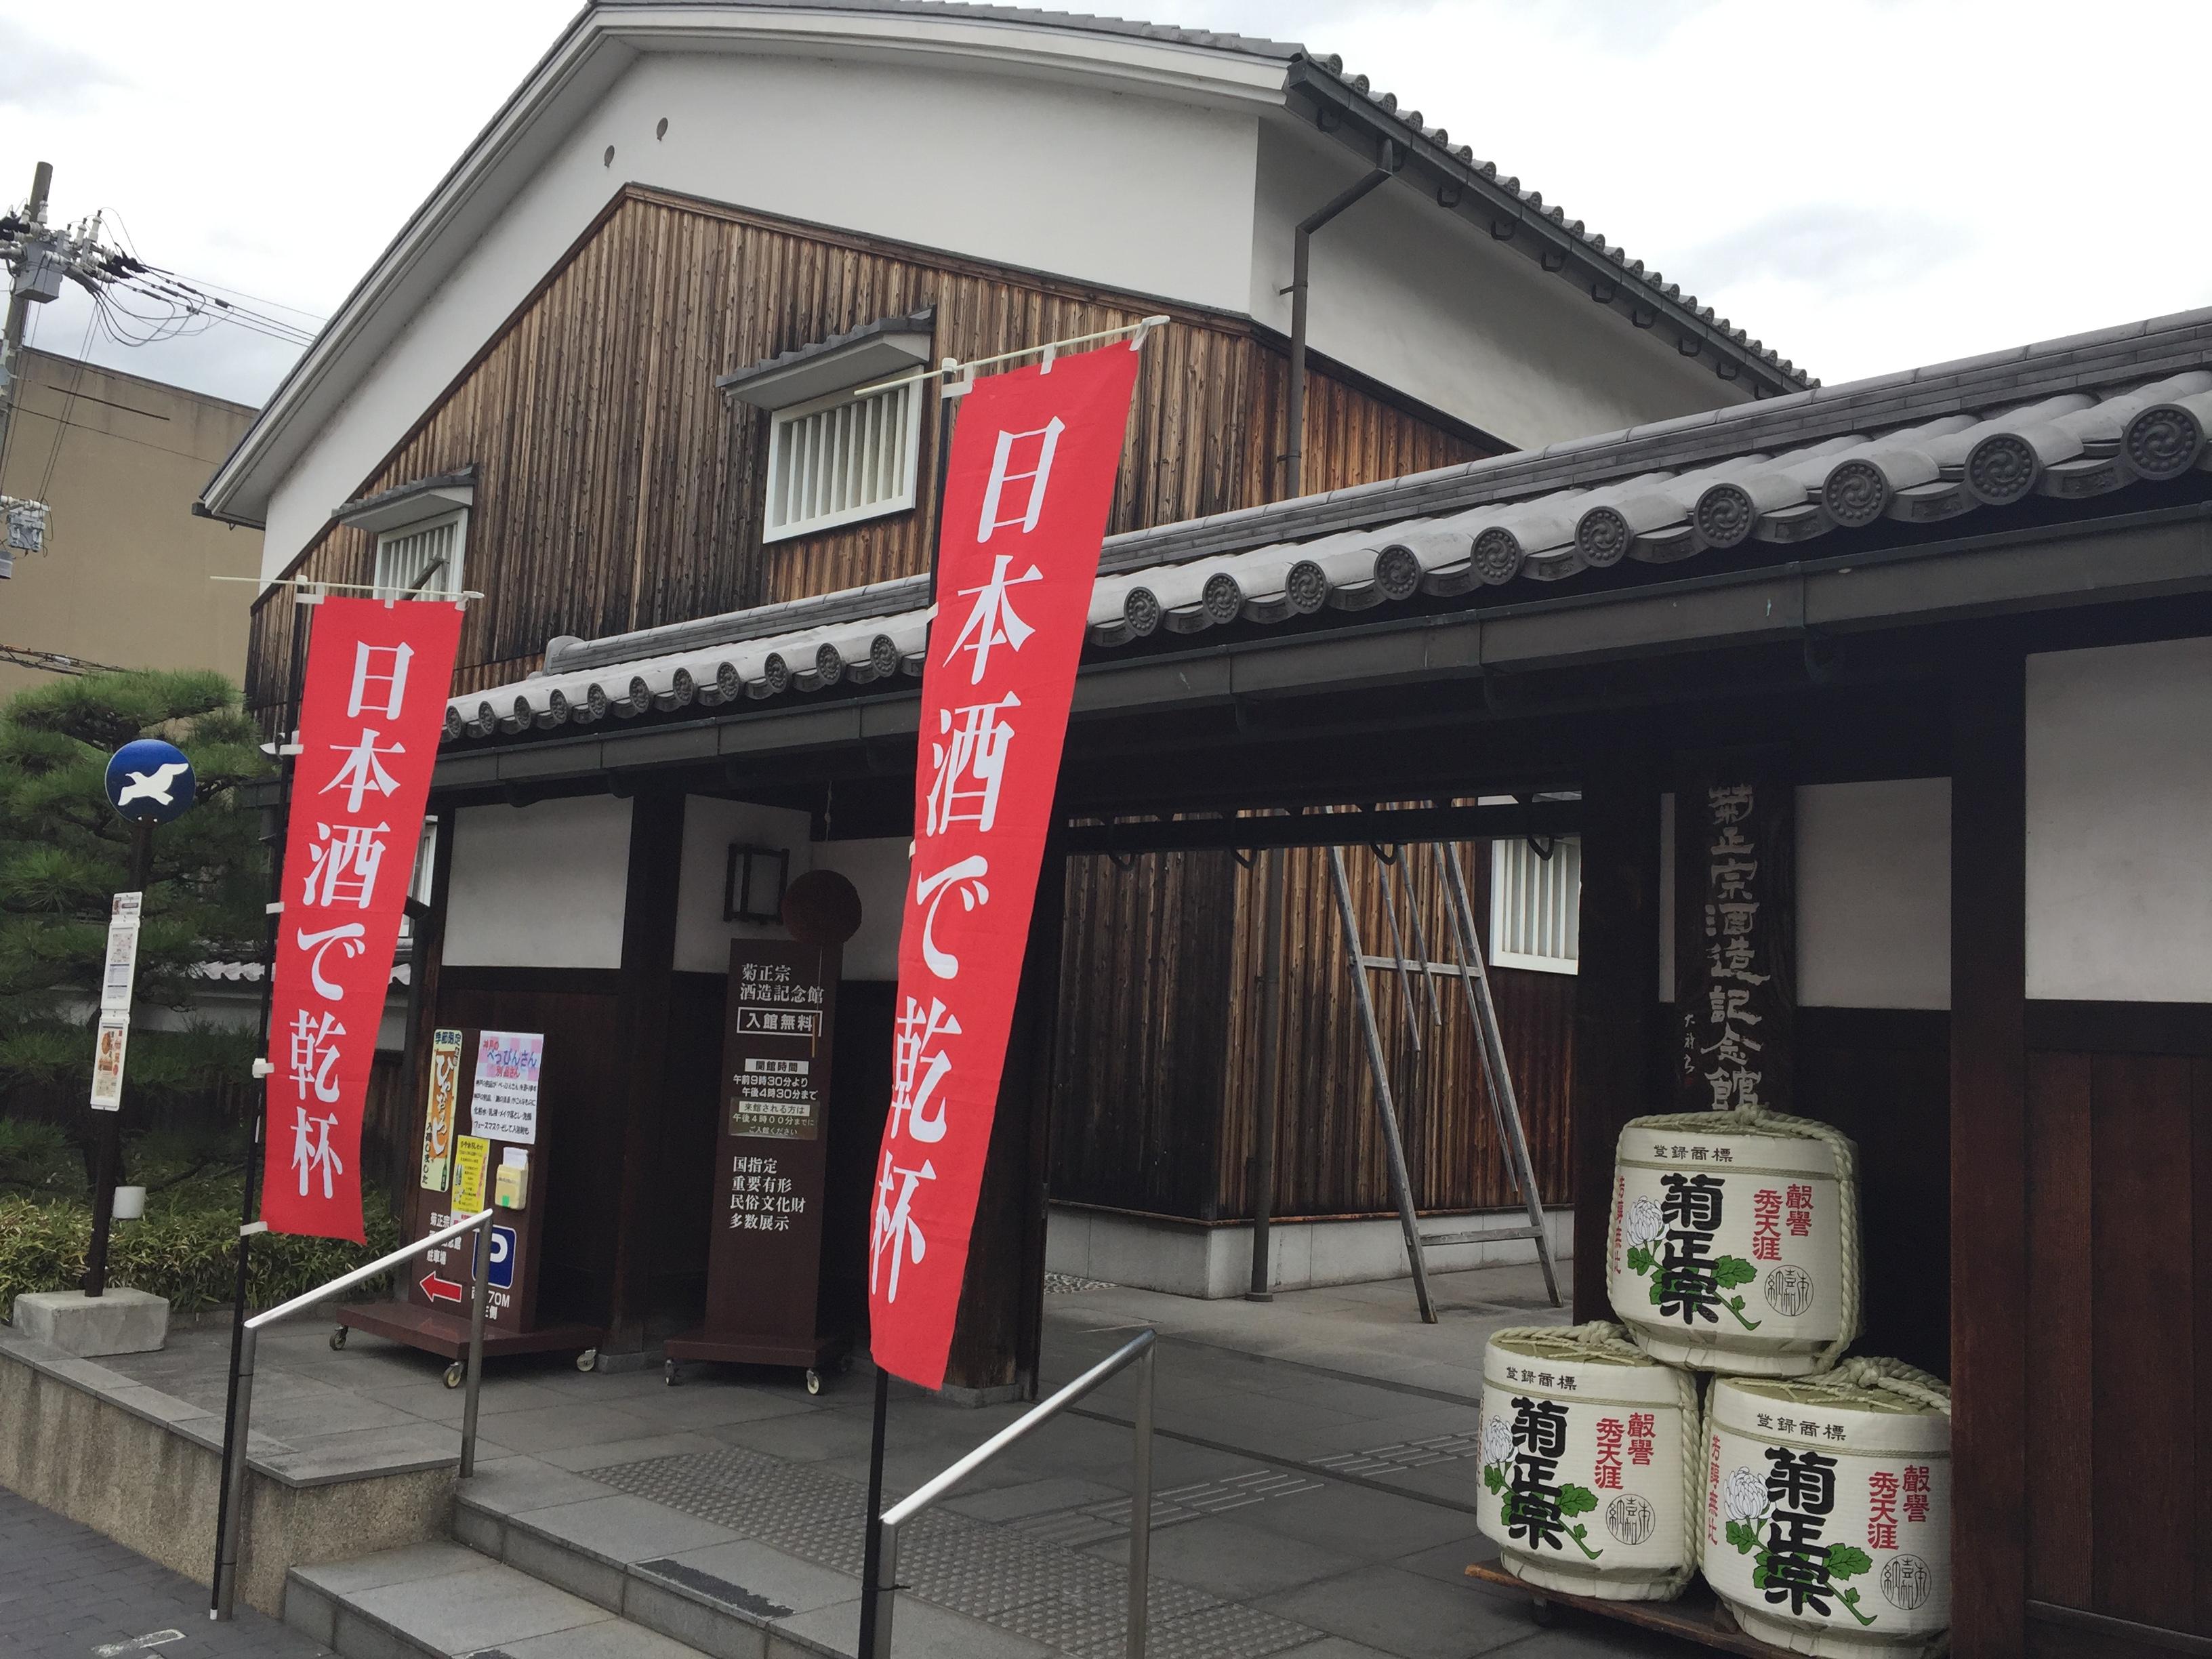 菊正宗酒造記念館で神戸・灘の酒蔵探訪を満喫したよ【※写真付レポあり※】